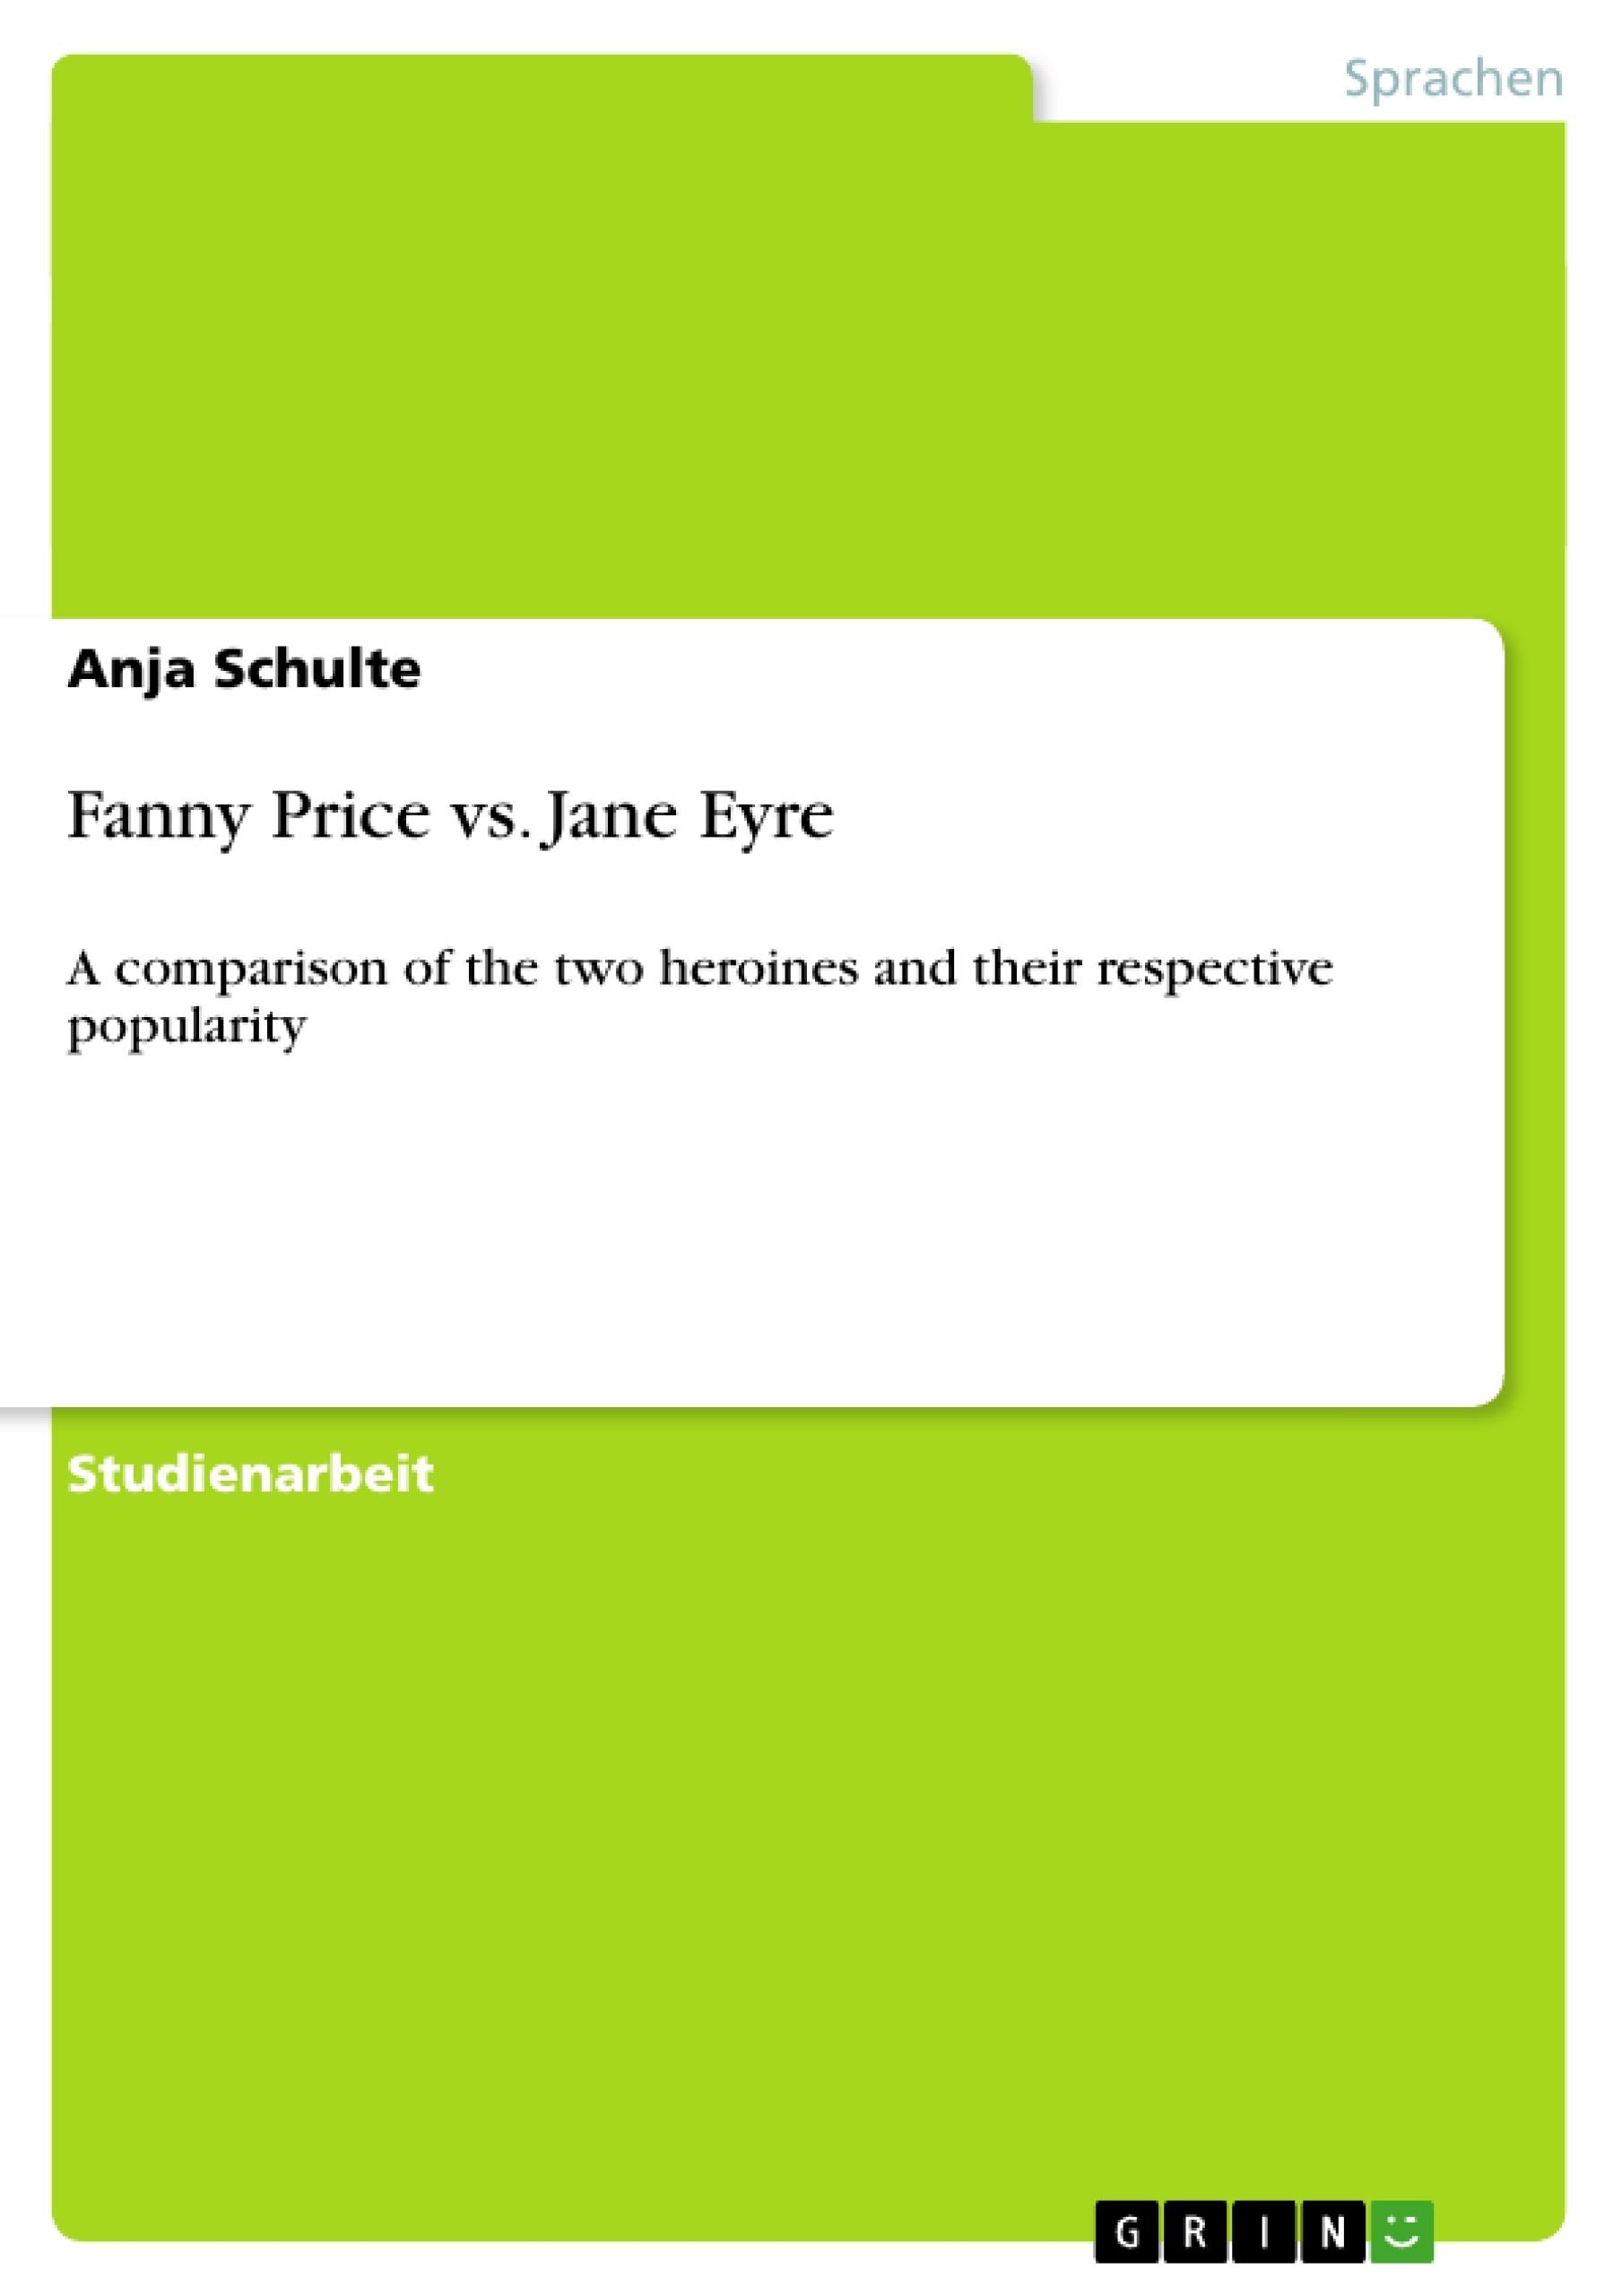 Titel: Fanny Price vs. Jane Eyre